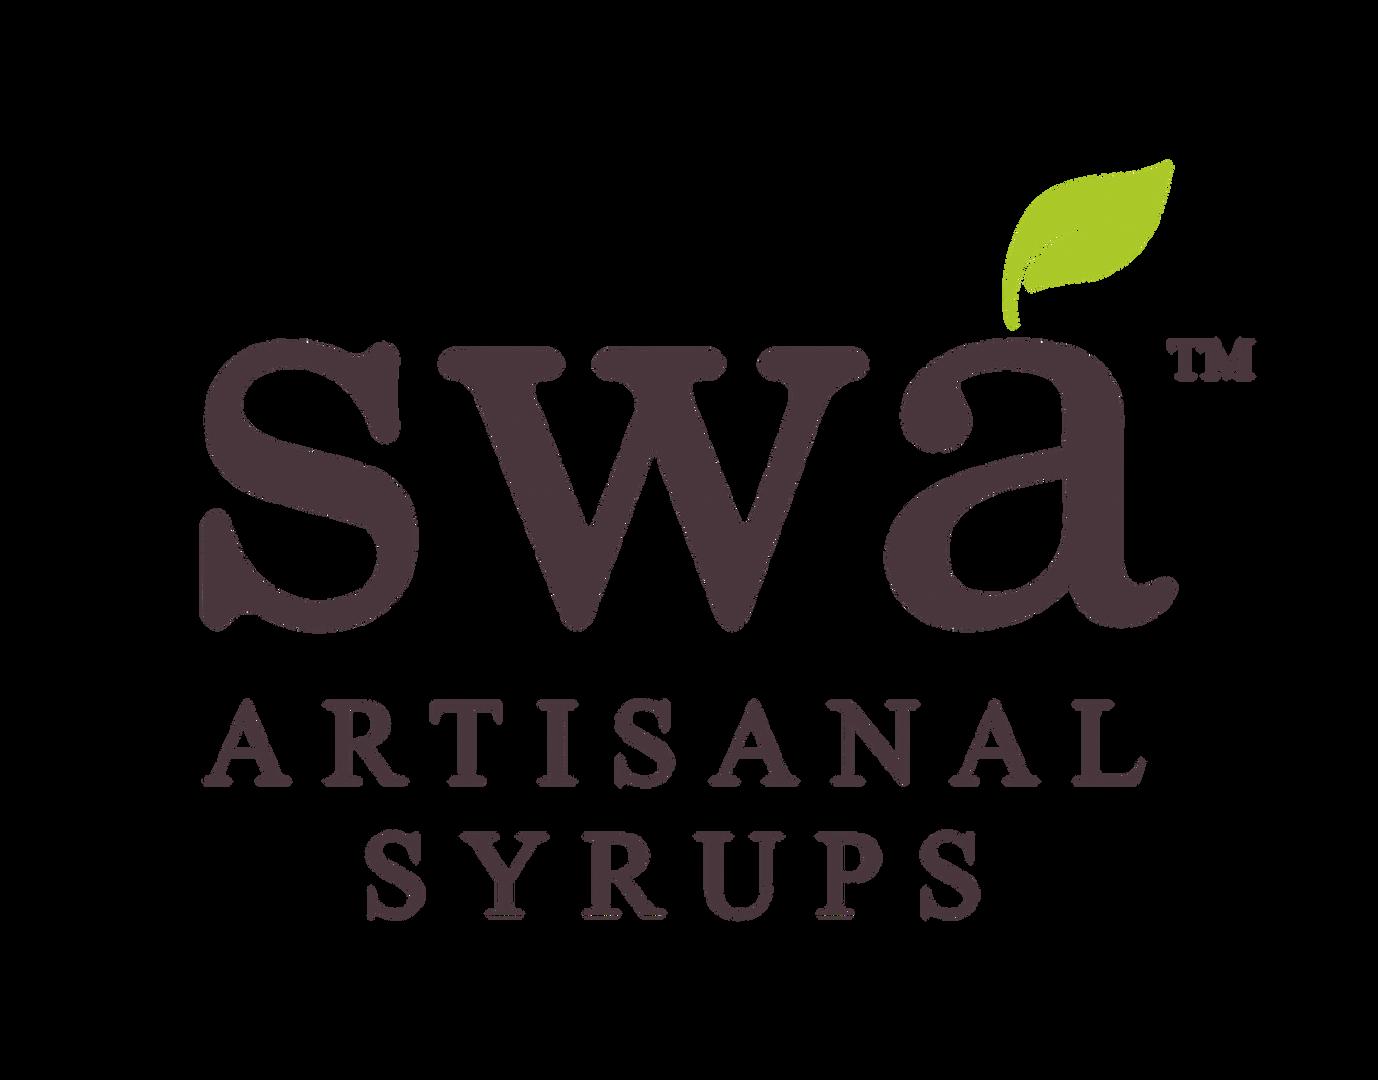 swa-logo_PNG.png